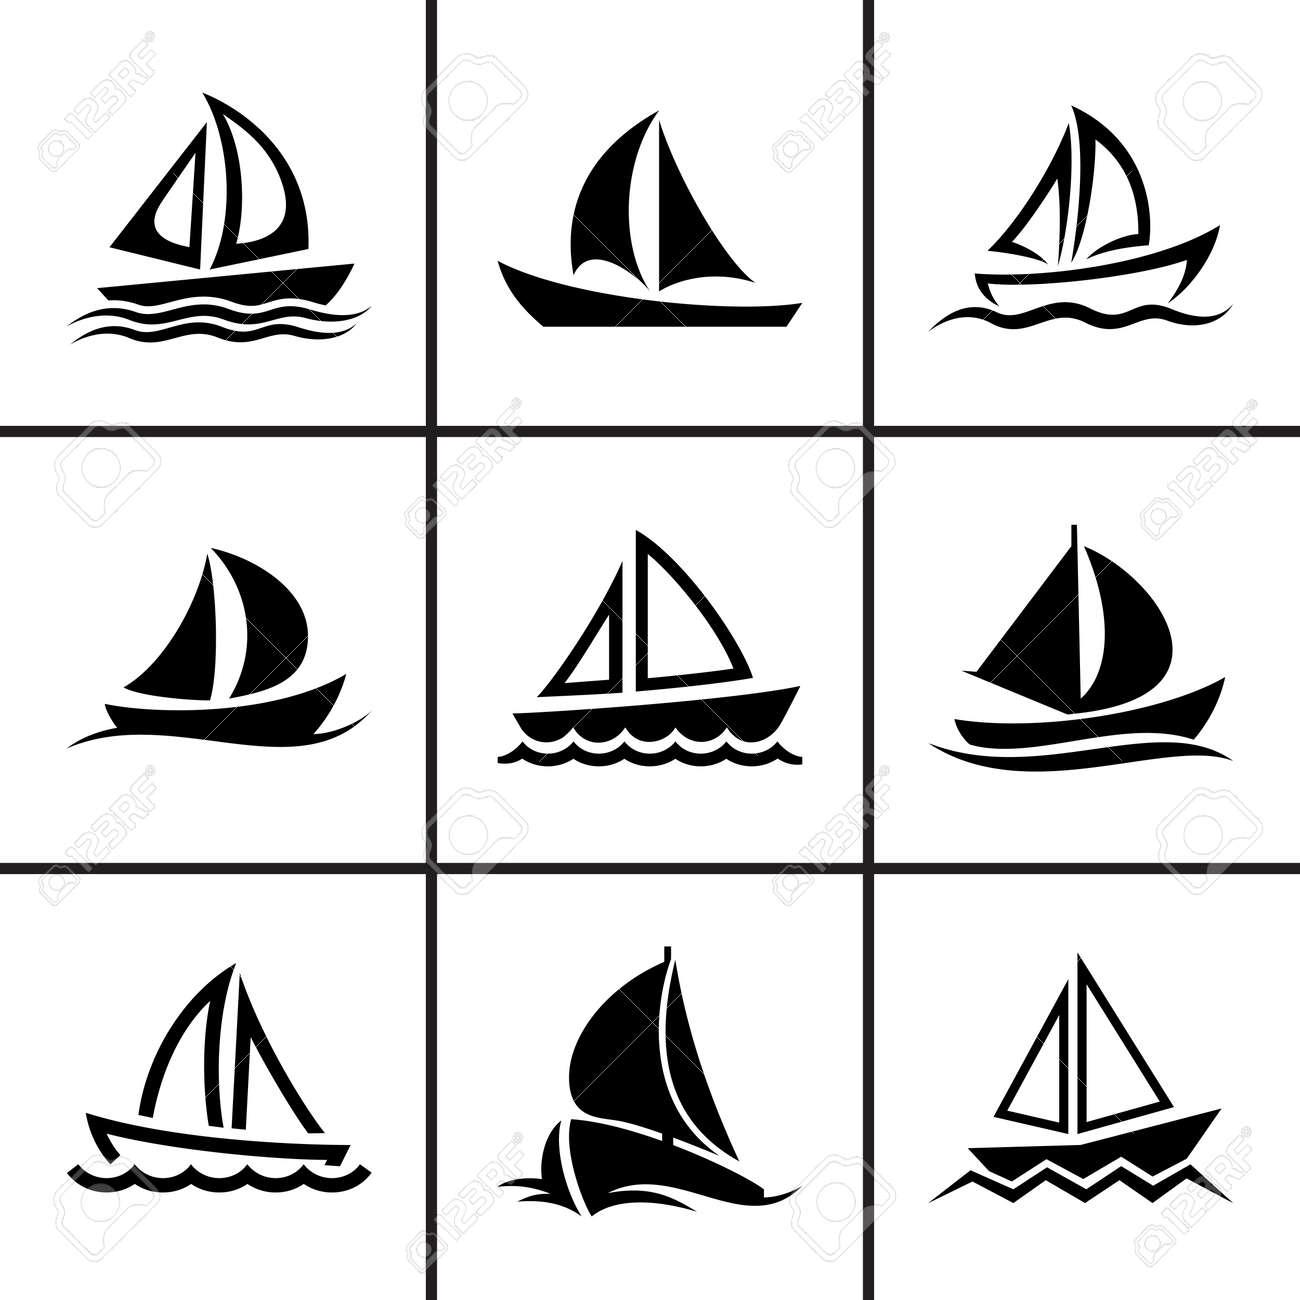 帆ボート アイコン セット ベクトル イラストのイラスト素材・ベクタ ...